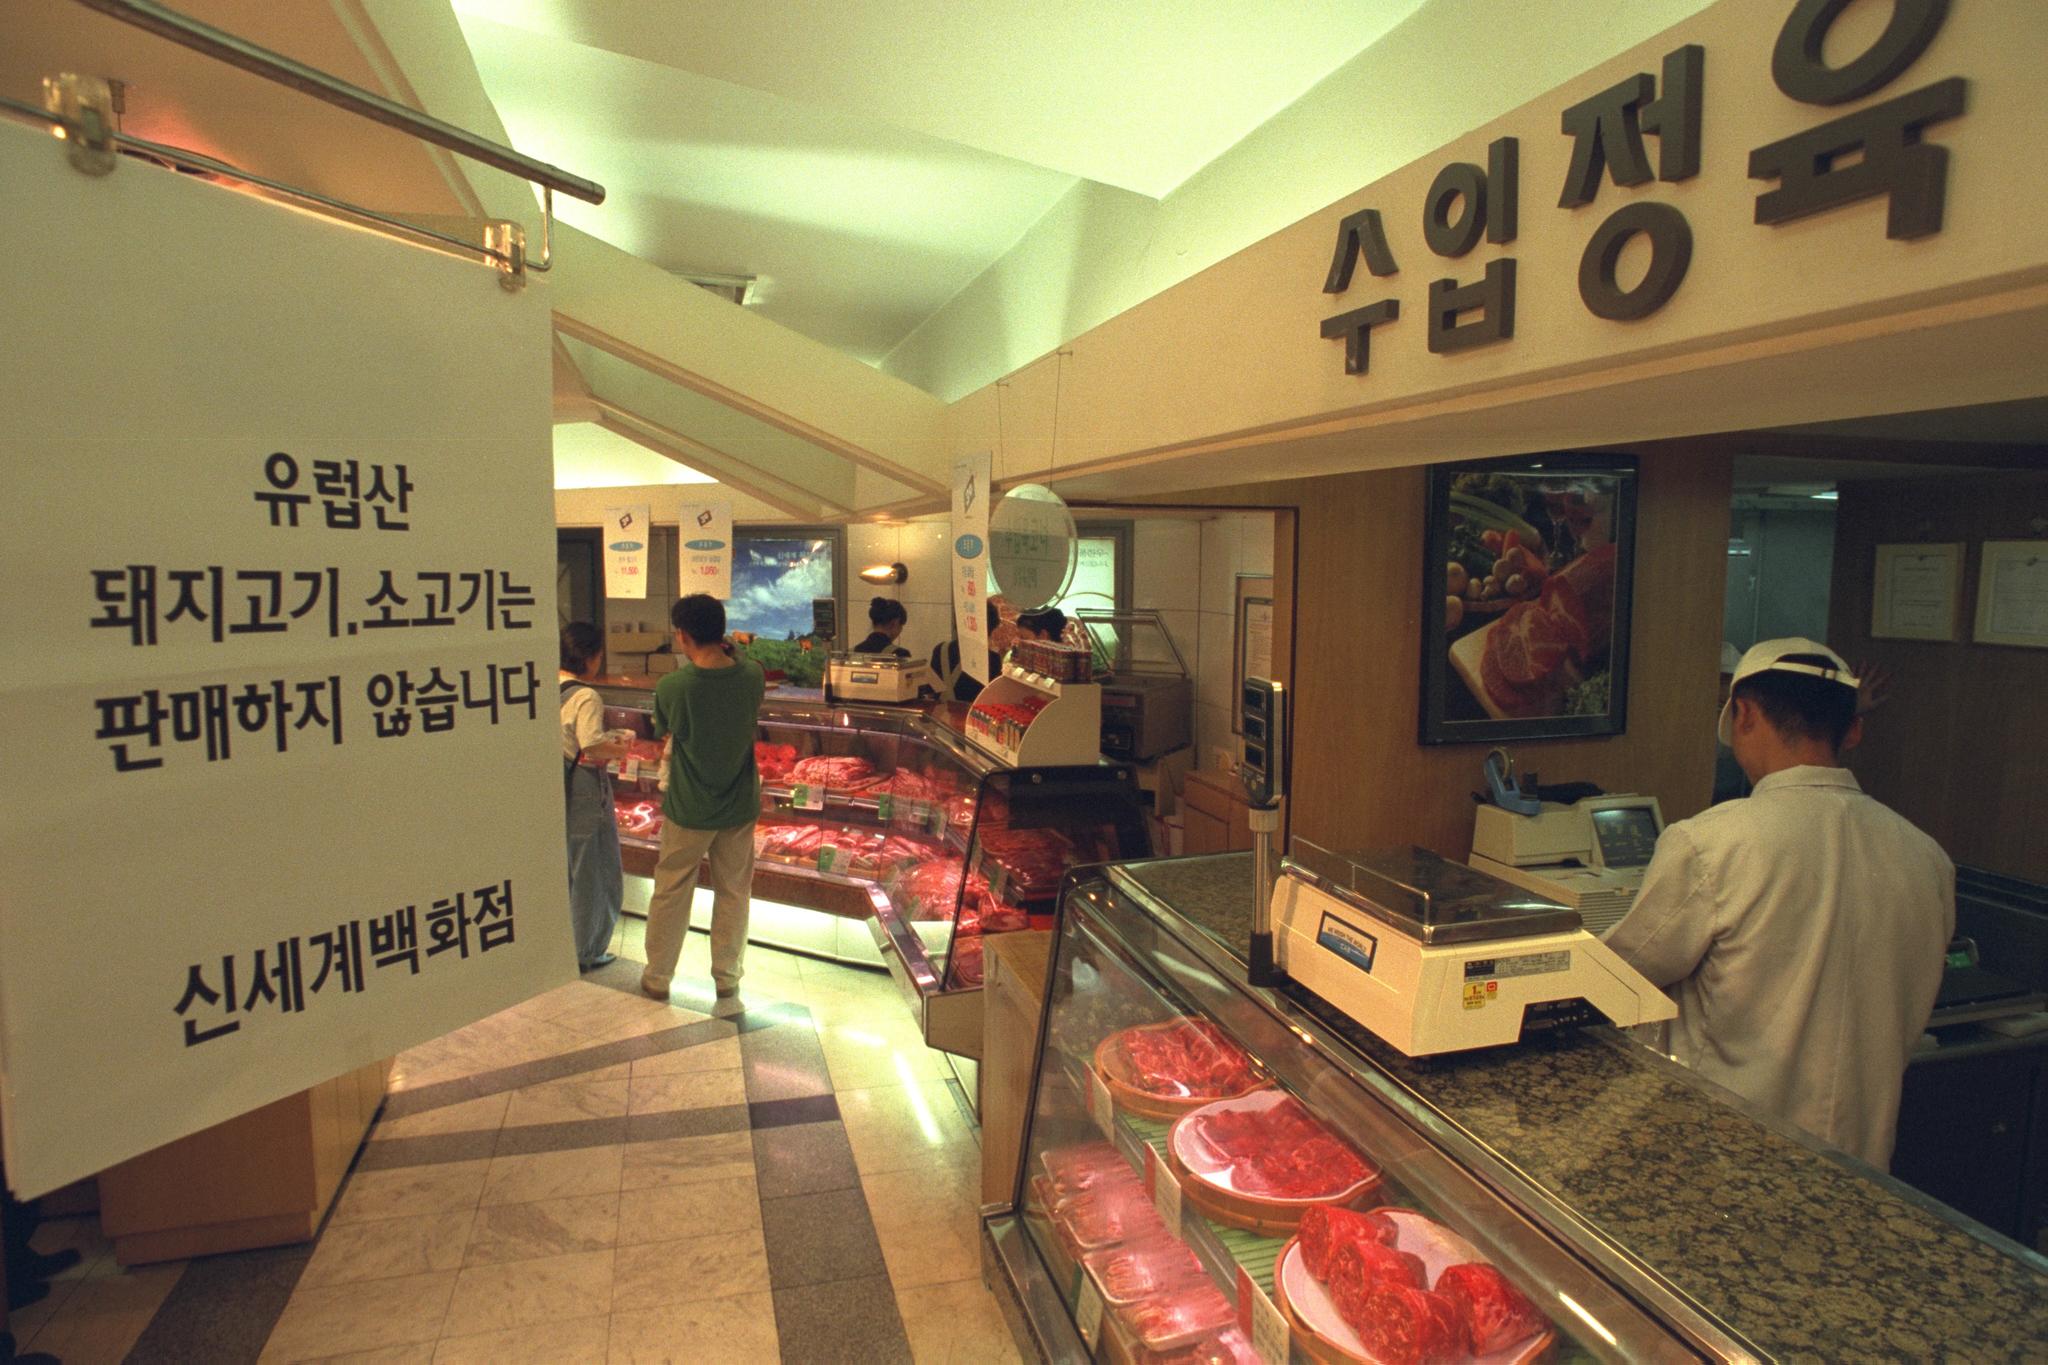 1999년 벨기에산 육류에 포함된 다이옥신에 대한 우려가 전 세계로 확산된 가운데 서울시내 한 백화점의 수입정육 판매대에 '유럽산 수입고기는 팔지 않는다'는 문구가 내걸려 있다. [중앙포토]